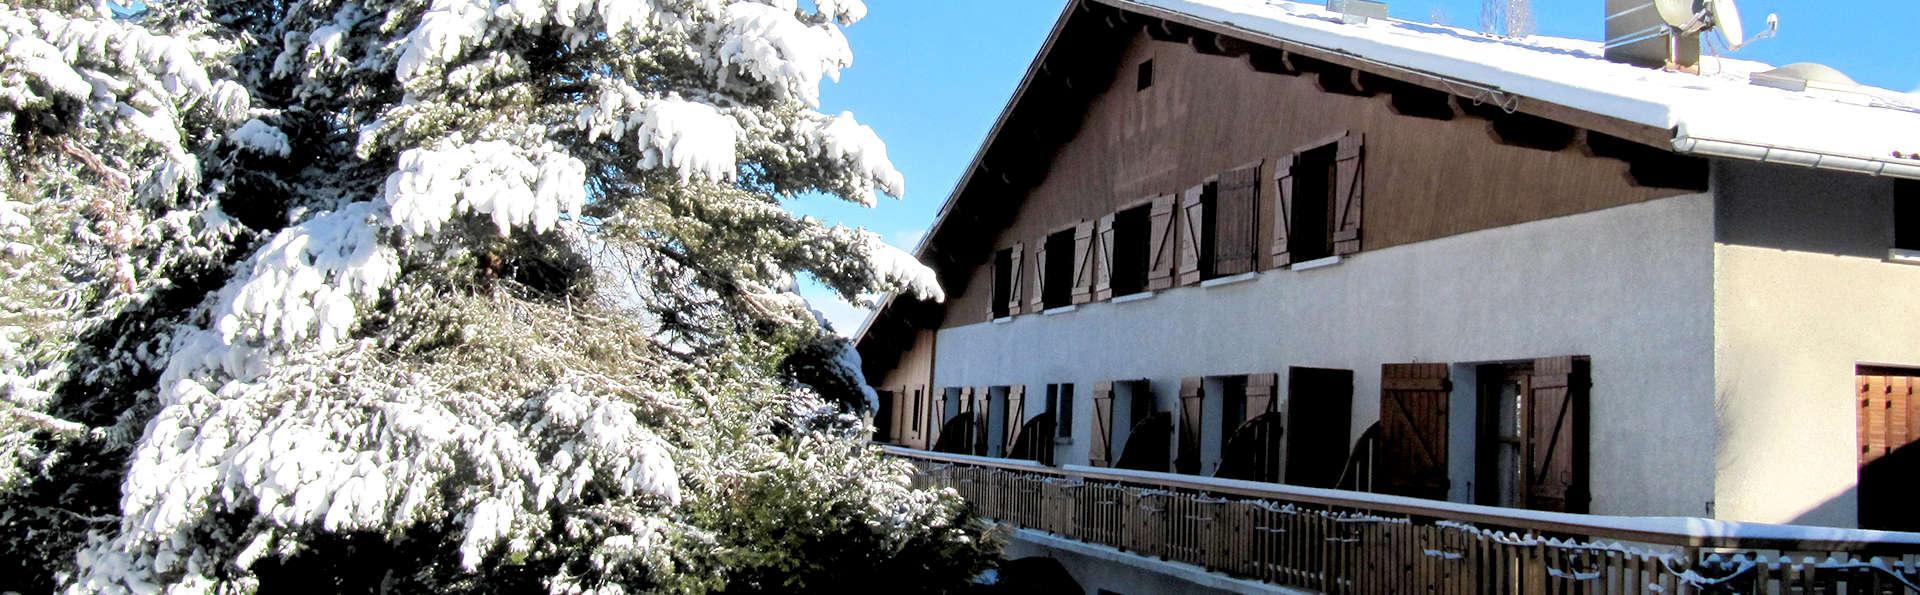 Hôtel Les Peupliers - Edit_front7.jpg